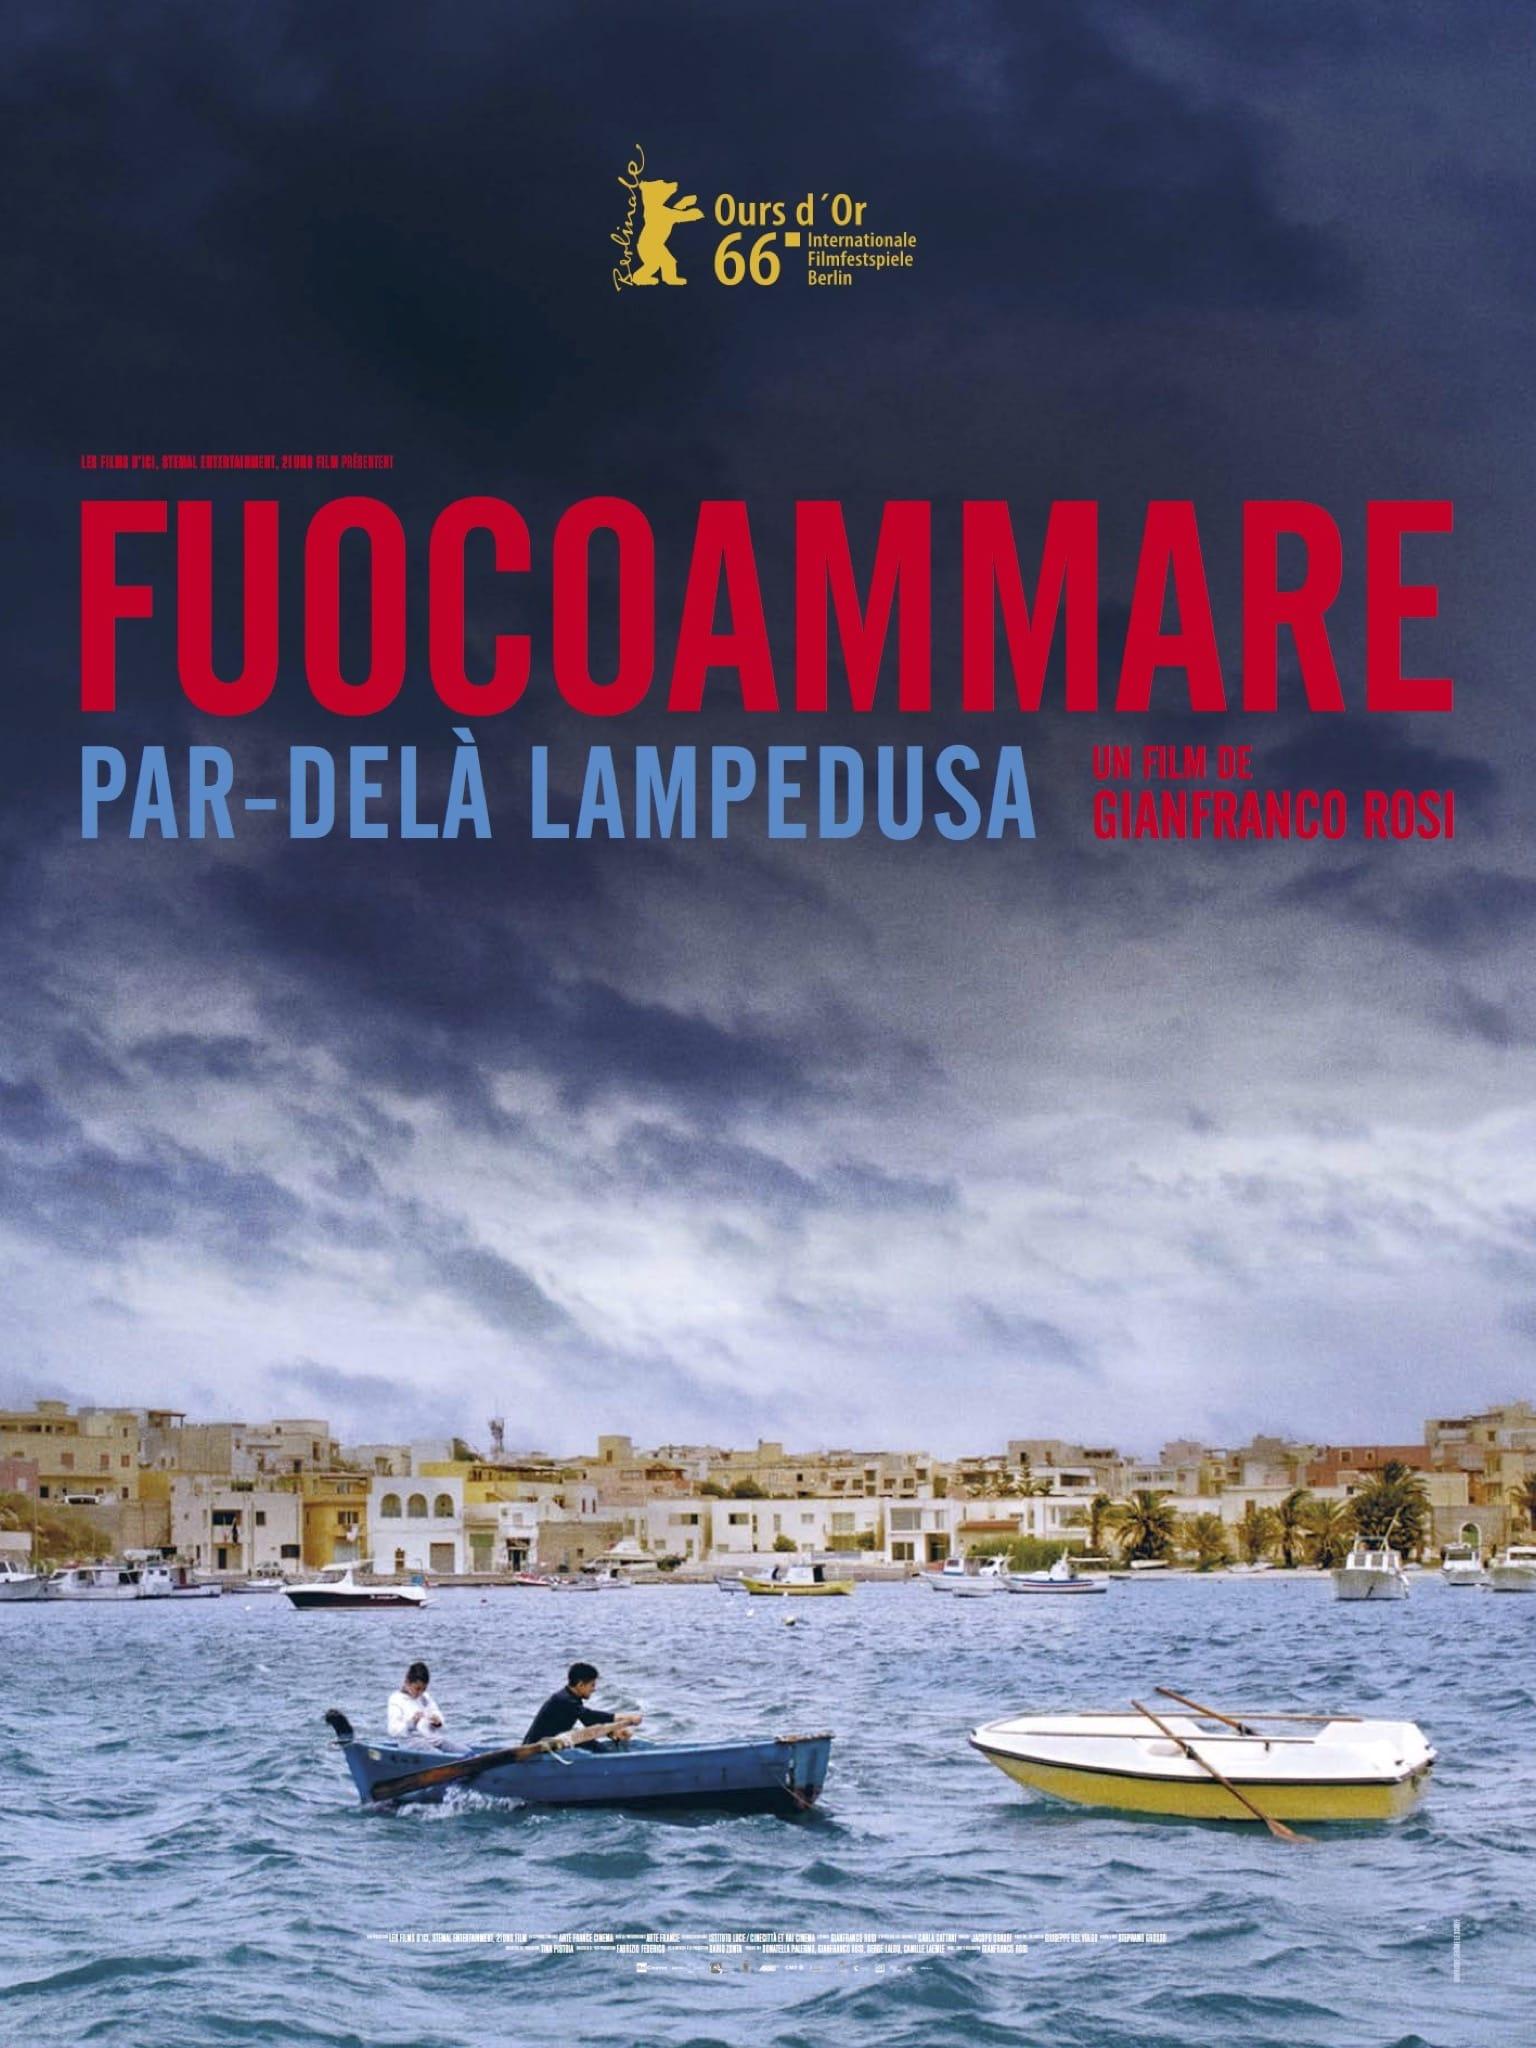 fuocoammare-par-dela-lampedusa-affiche